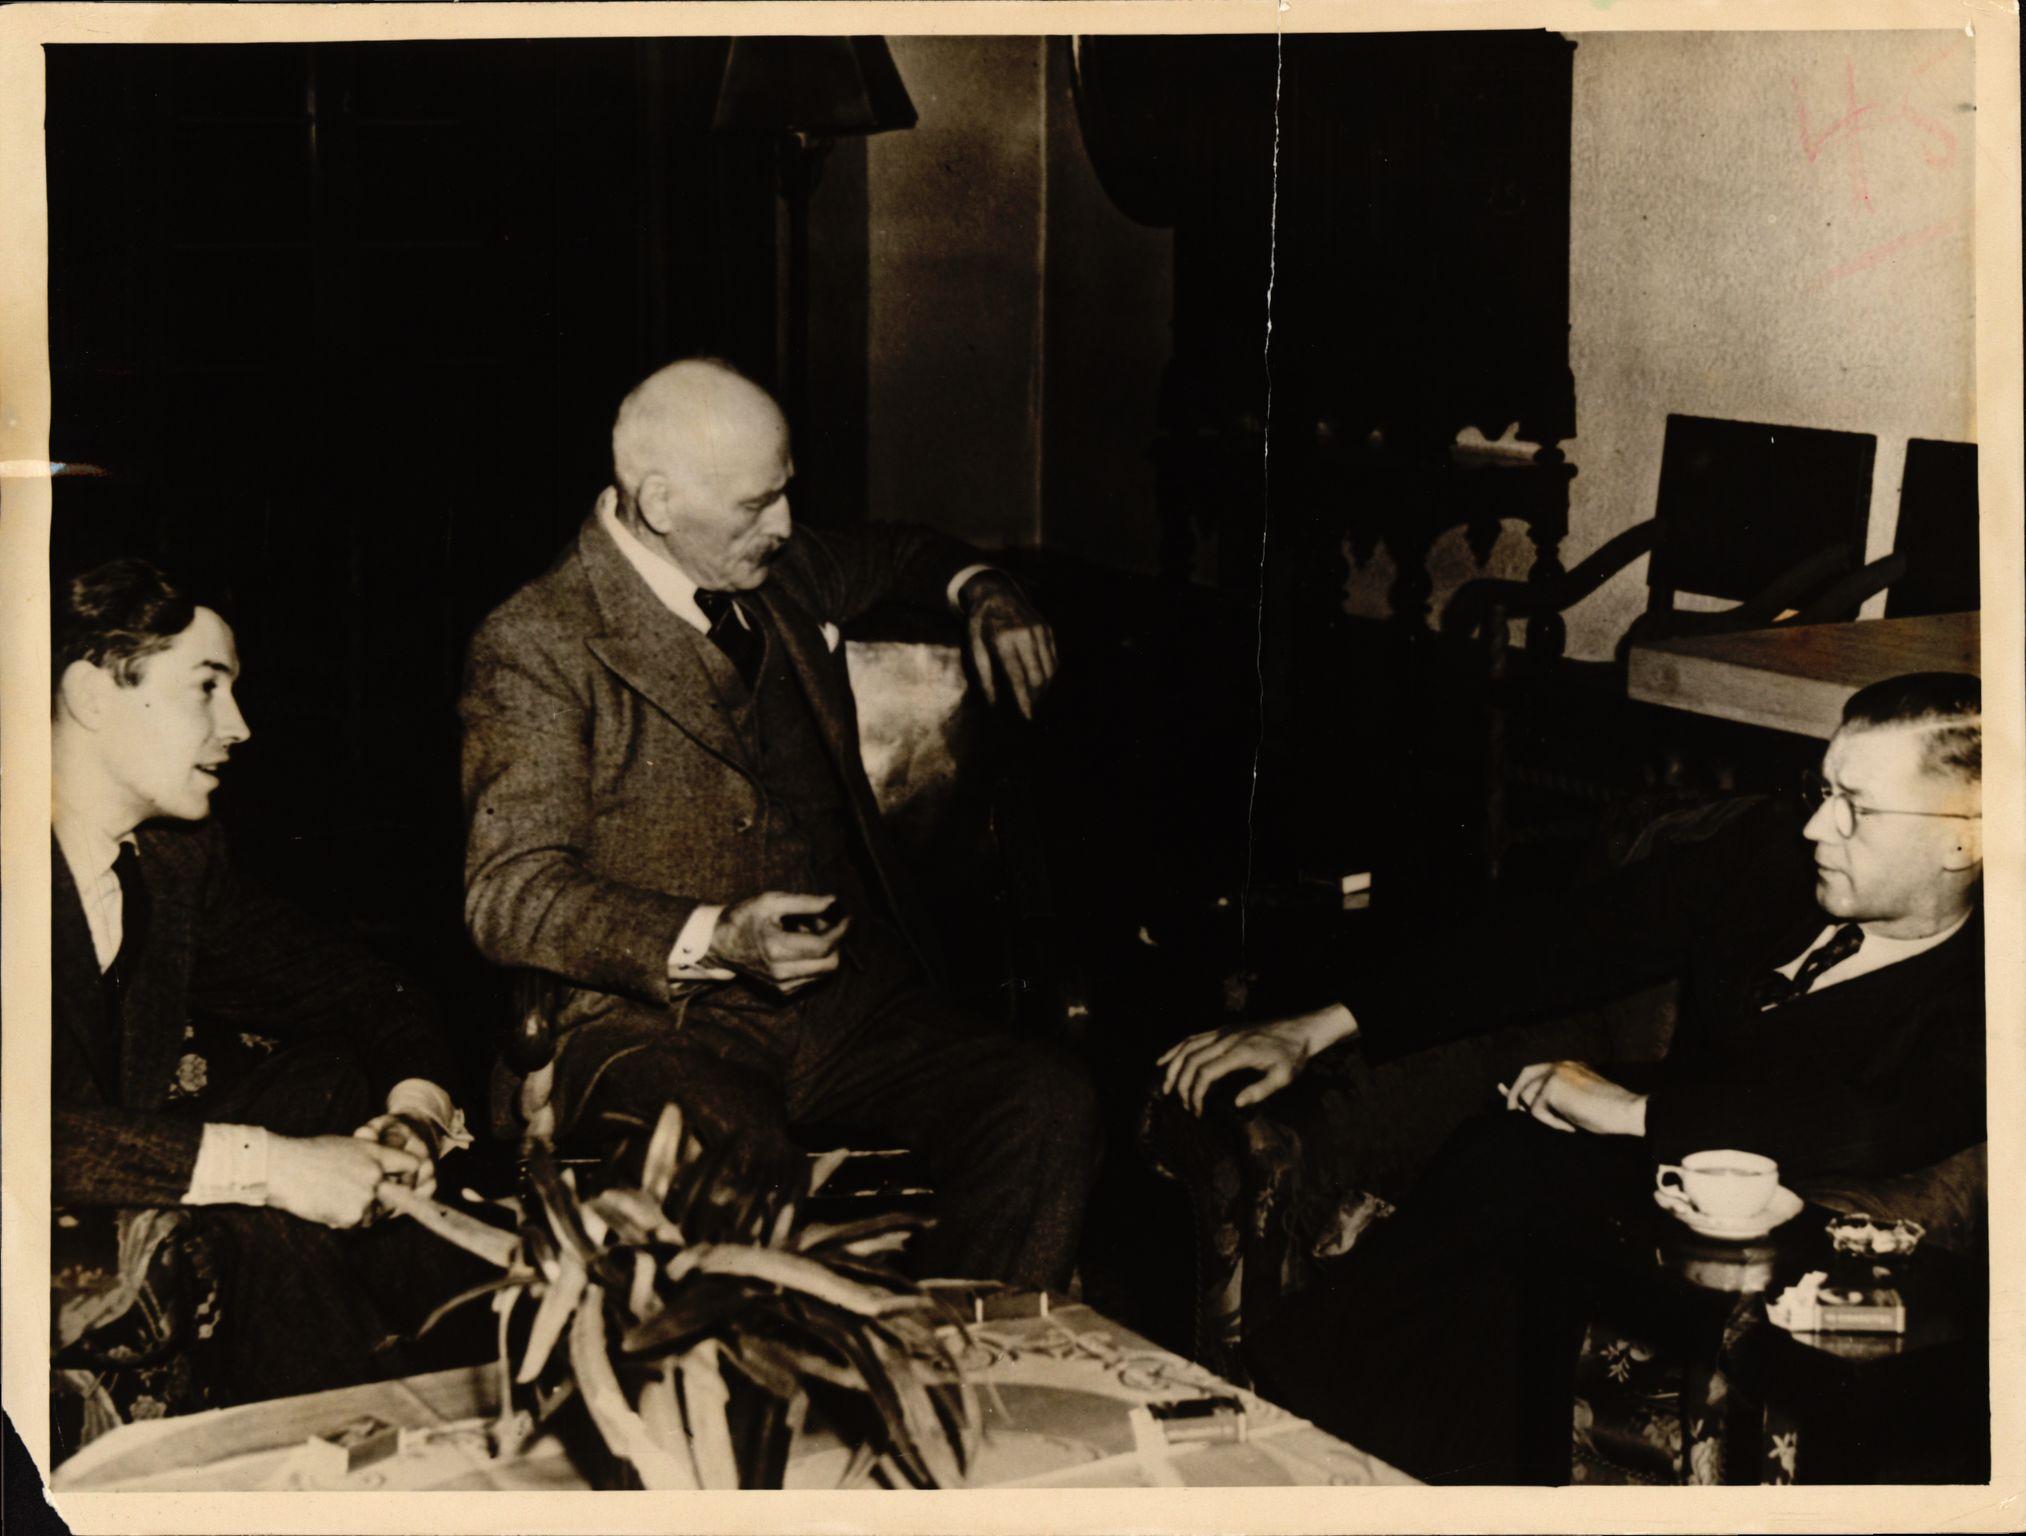 RA, Landssvikarkivet, Arendal politikammer, D/Dc/L0029: Anr. 192/45, 1945-1951, s. 410